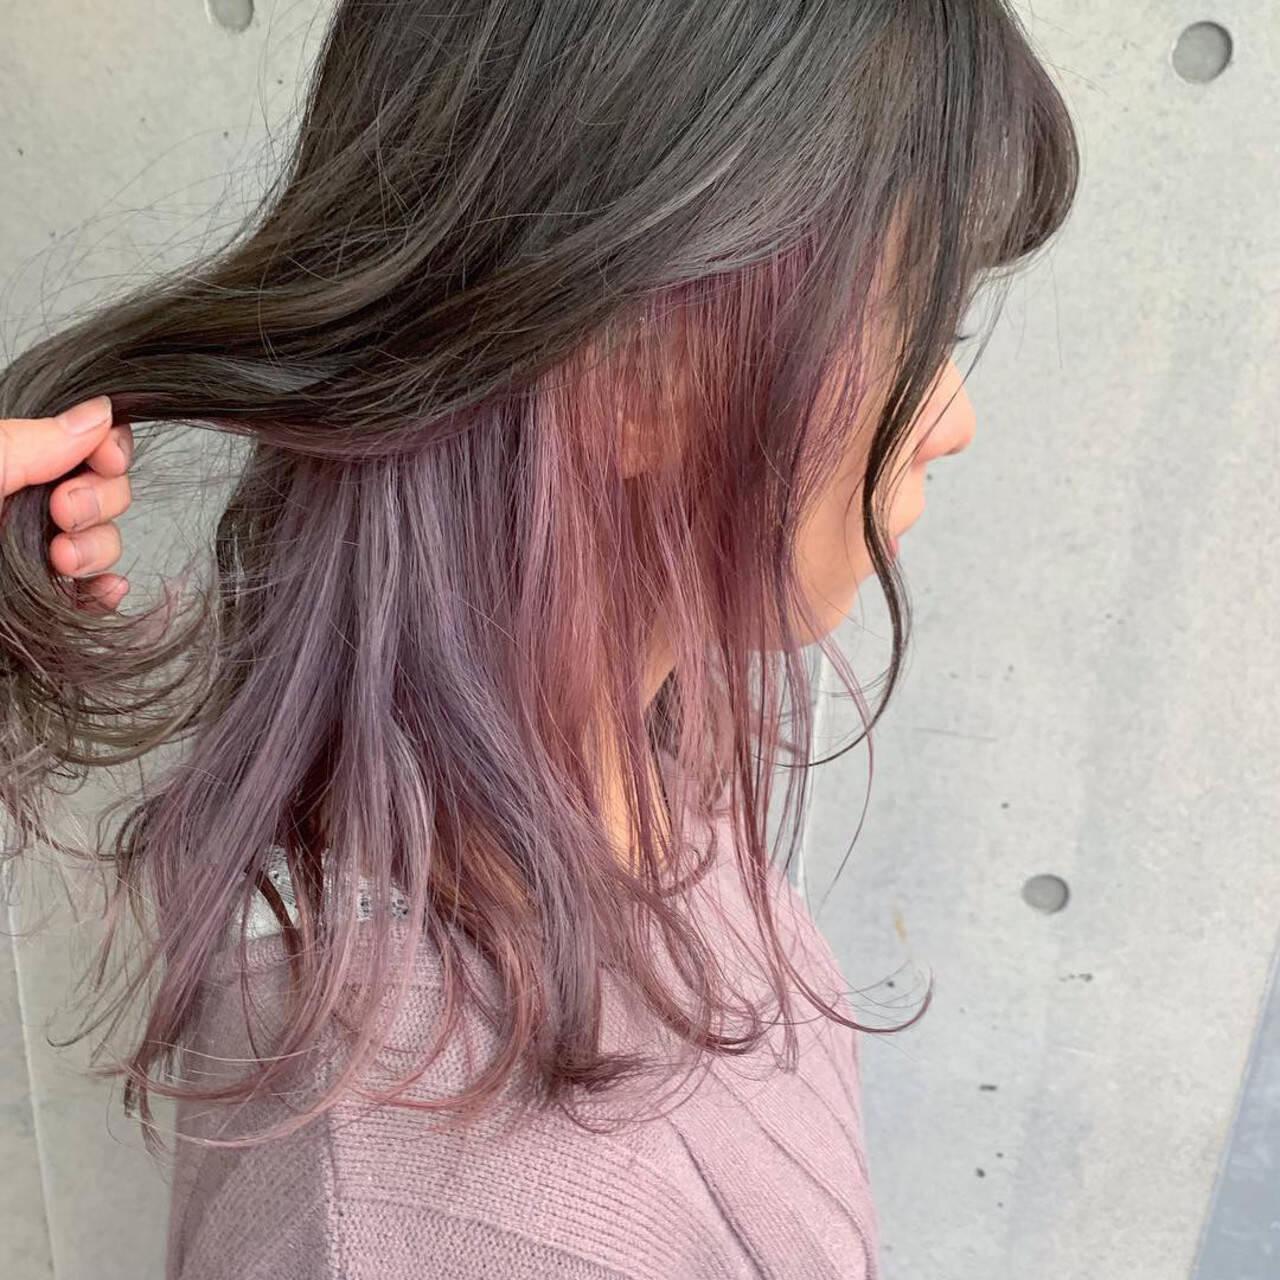 ダブルカラー インナーカラー セミロング インナーカラーパープルヘアスタイルや髪型の写真・画像